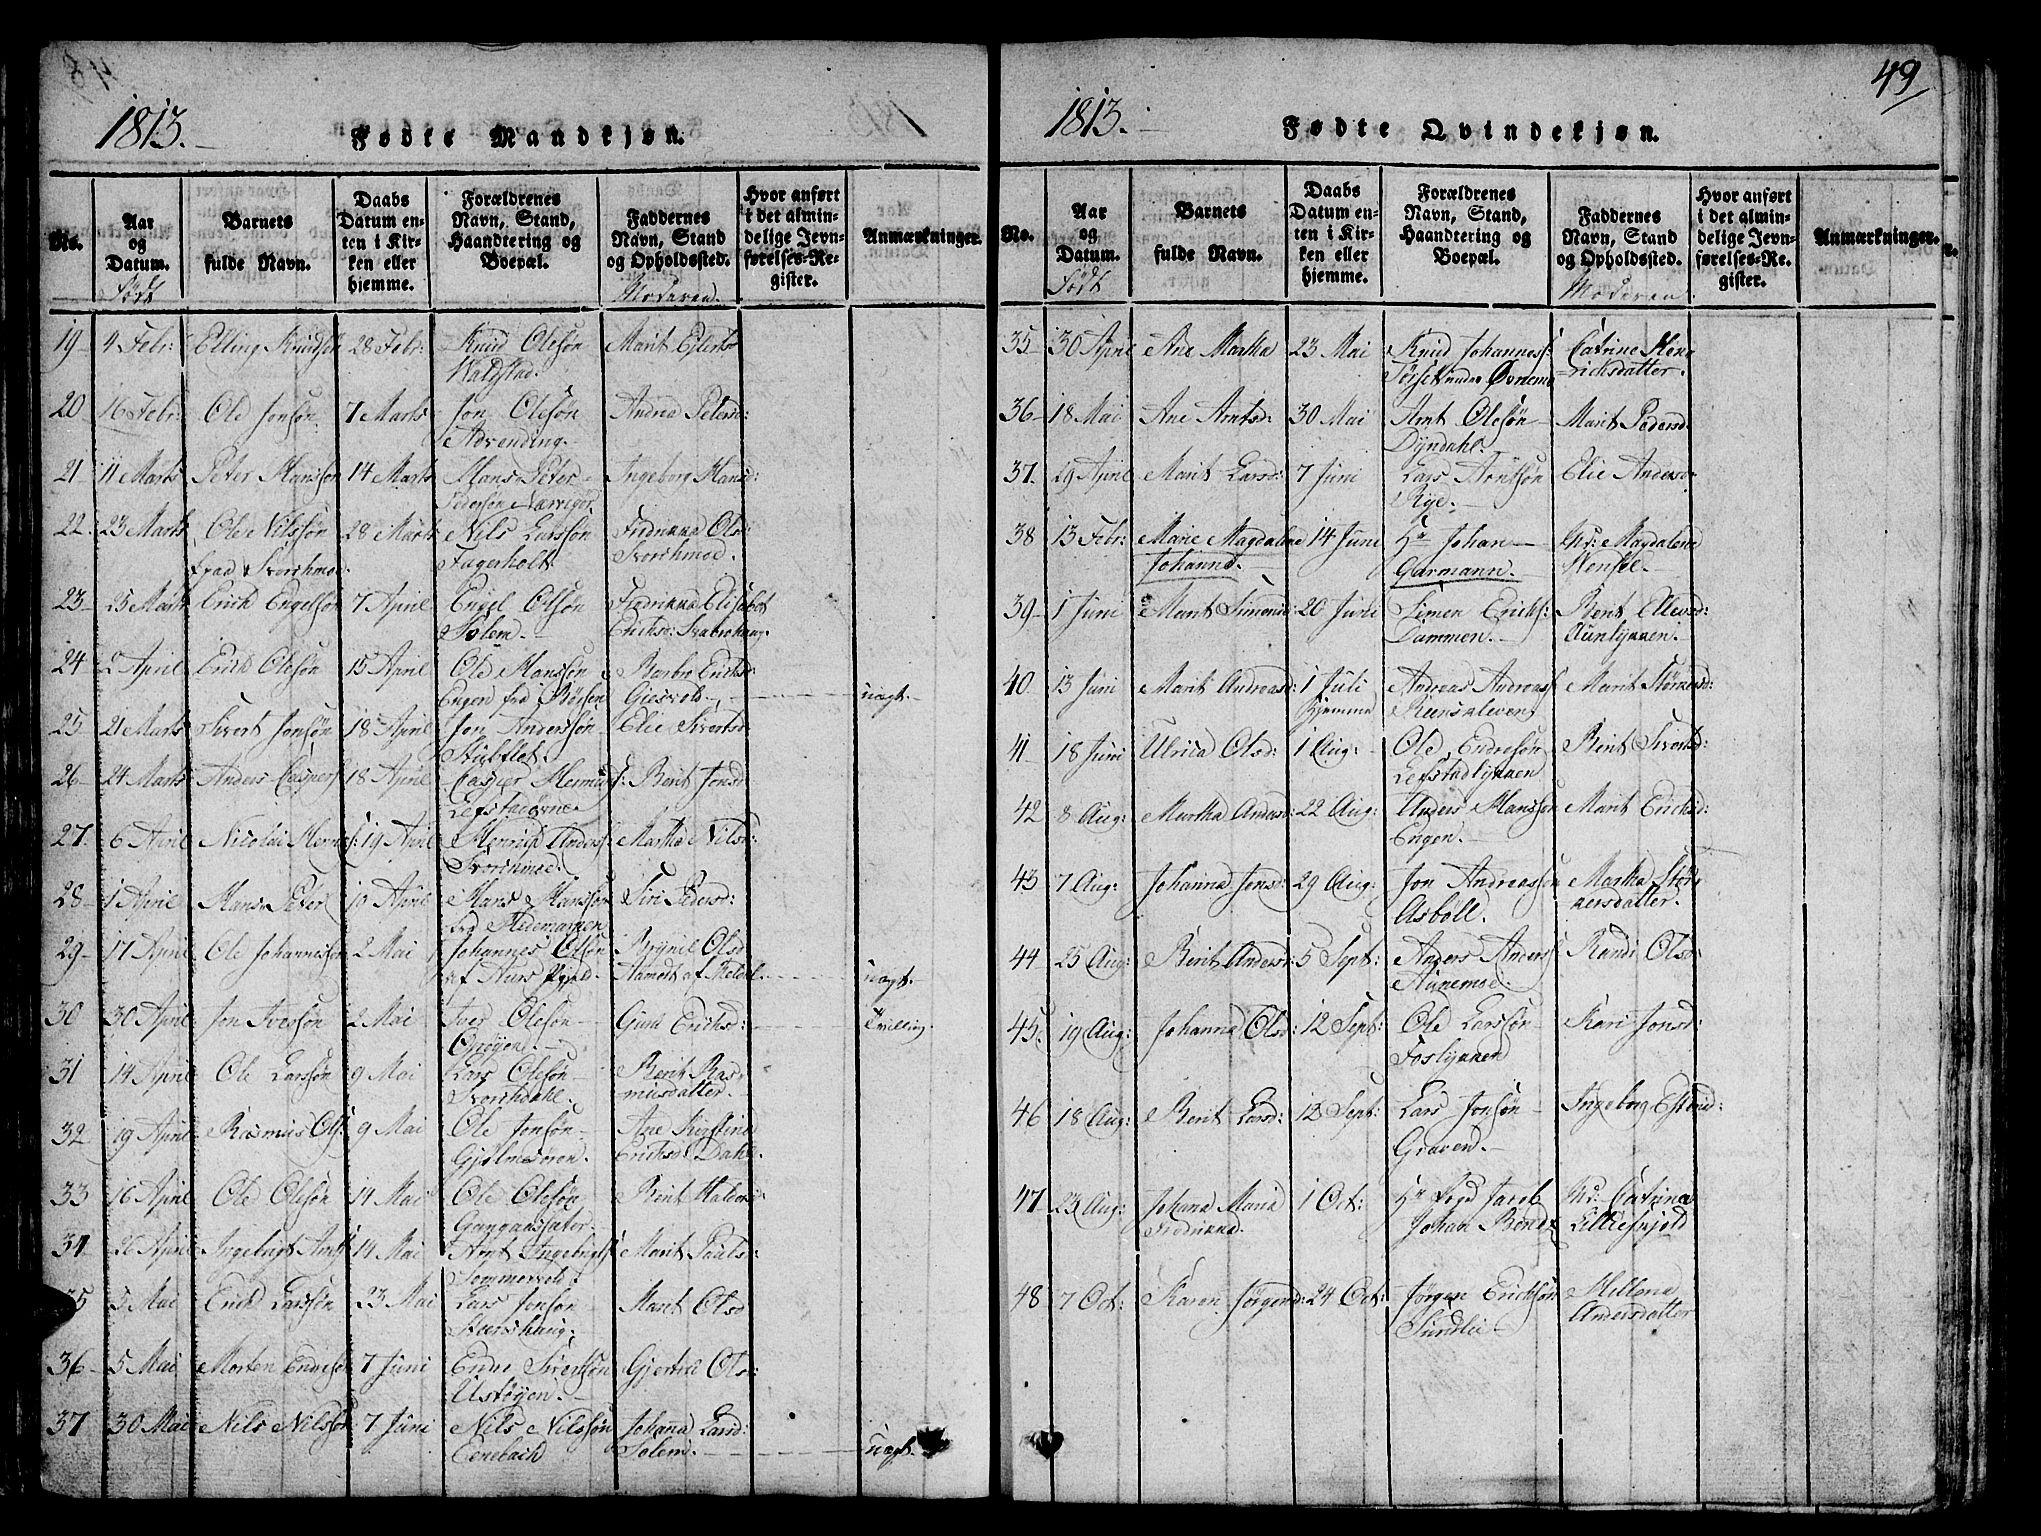 SAT, Ministerialprotokoller, klokkerbøker og fødselsregistre - Sør-Trøndelag, 668/L0803: Ministerialbok nr. 668A03, 1800-1826, s. 49